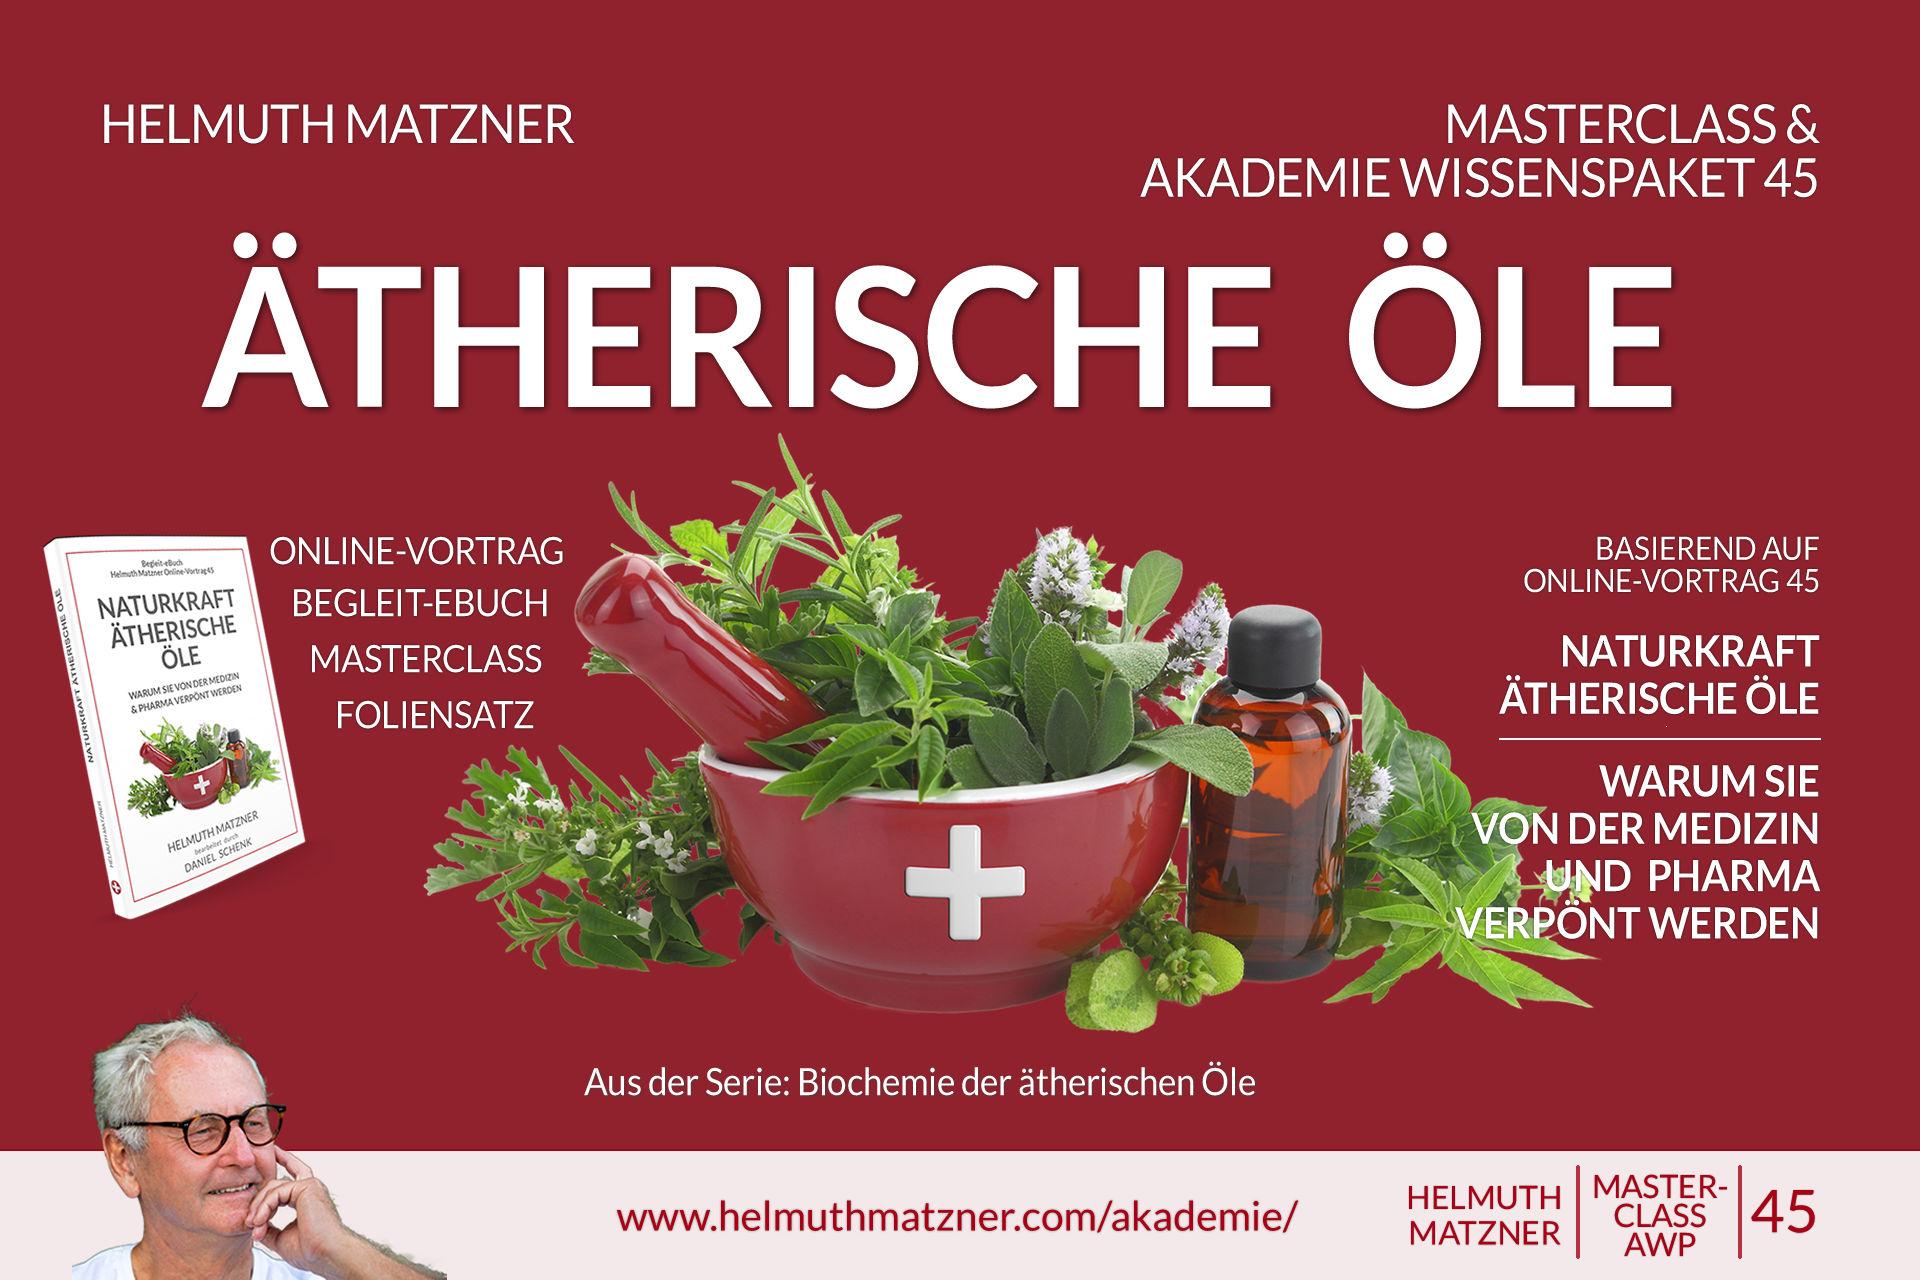 Helmuth Matzner - Masterclass & Akademie Wissenspaket 45 - Naturkraft Ätherische Öle - Akademie v08AK